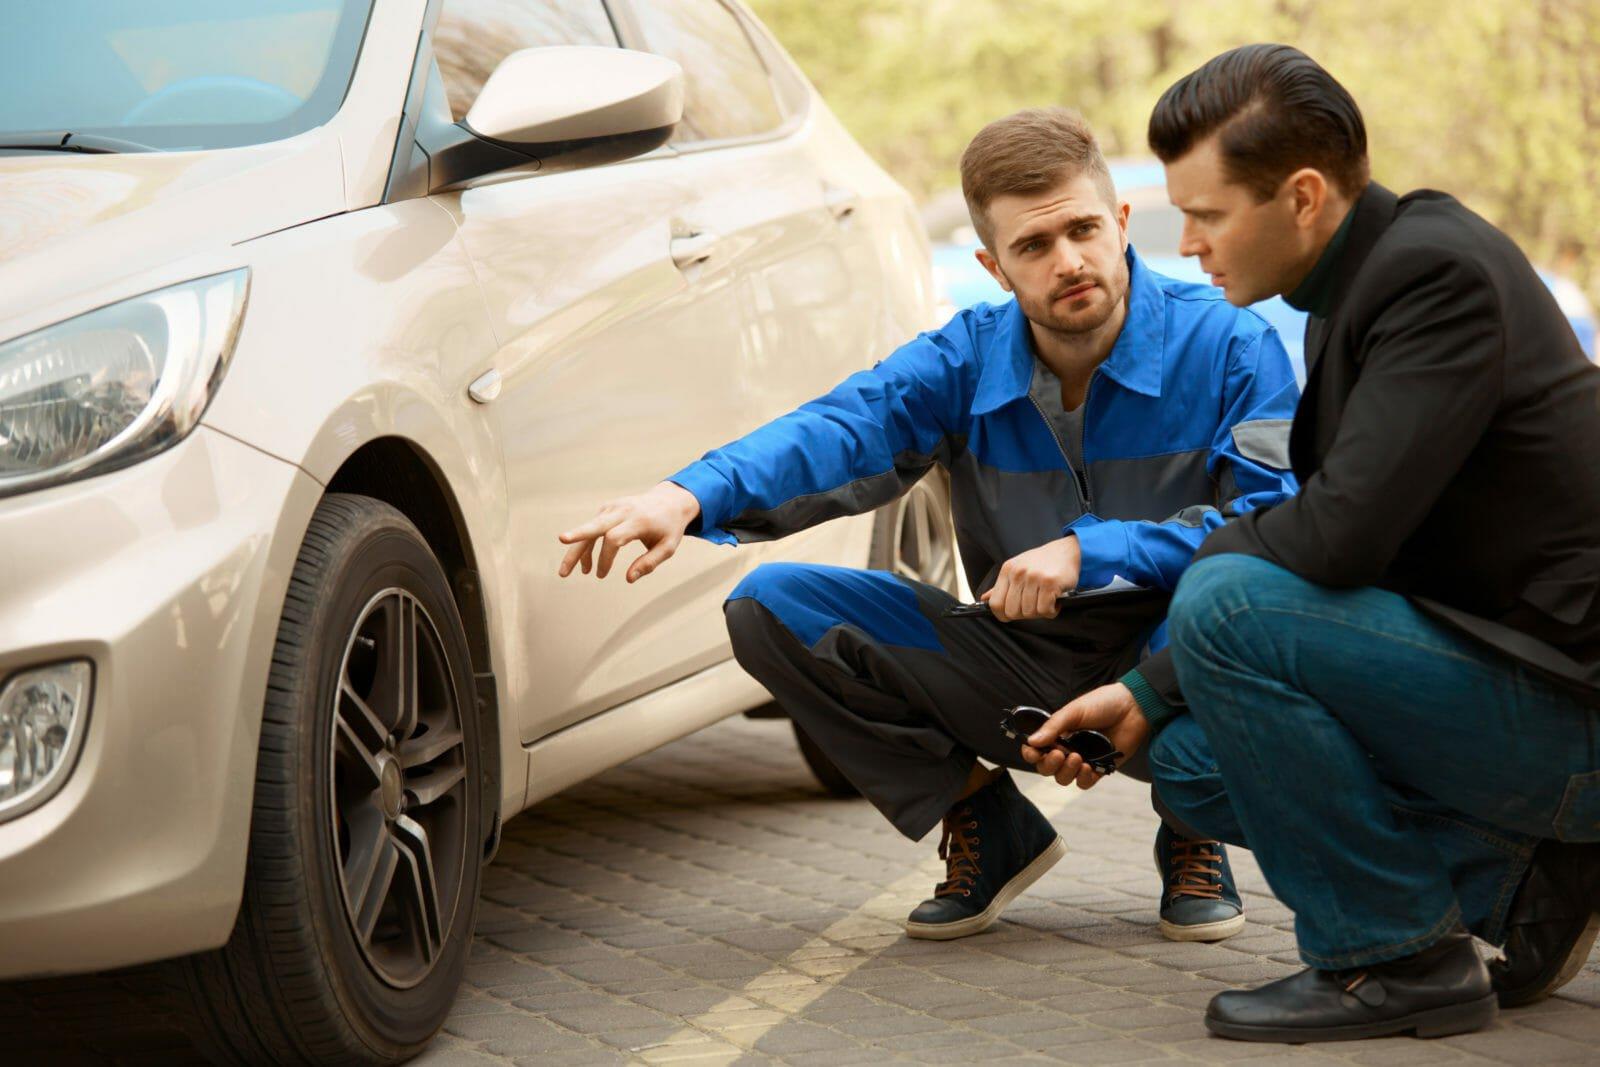 ase automobile service consultant